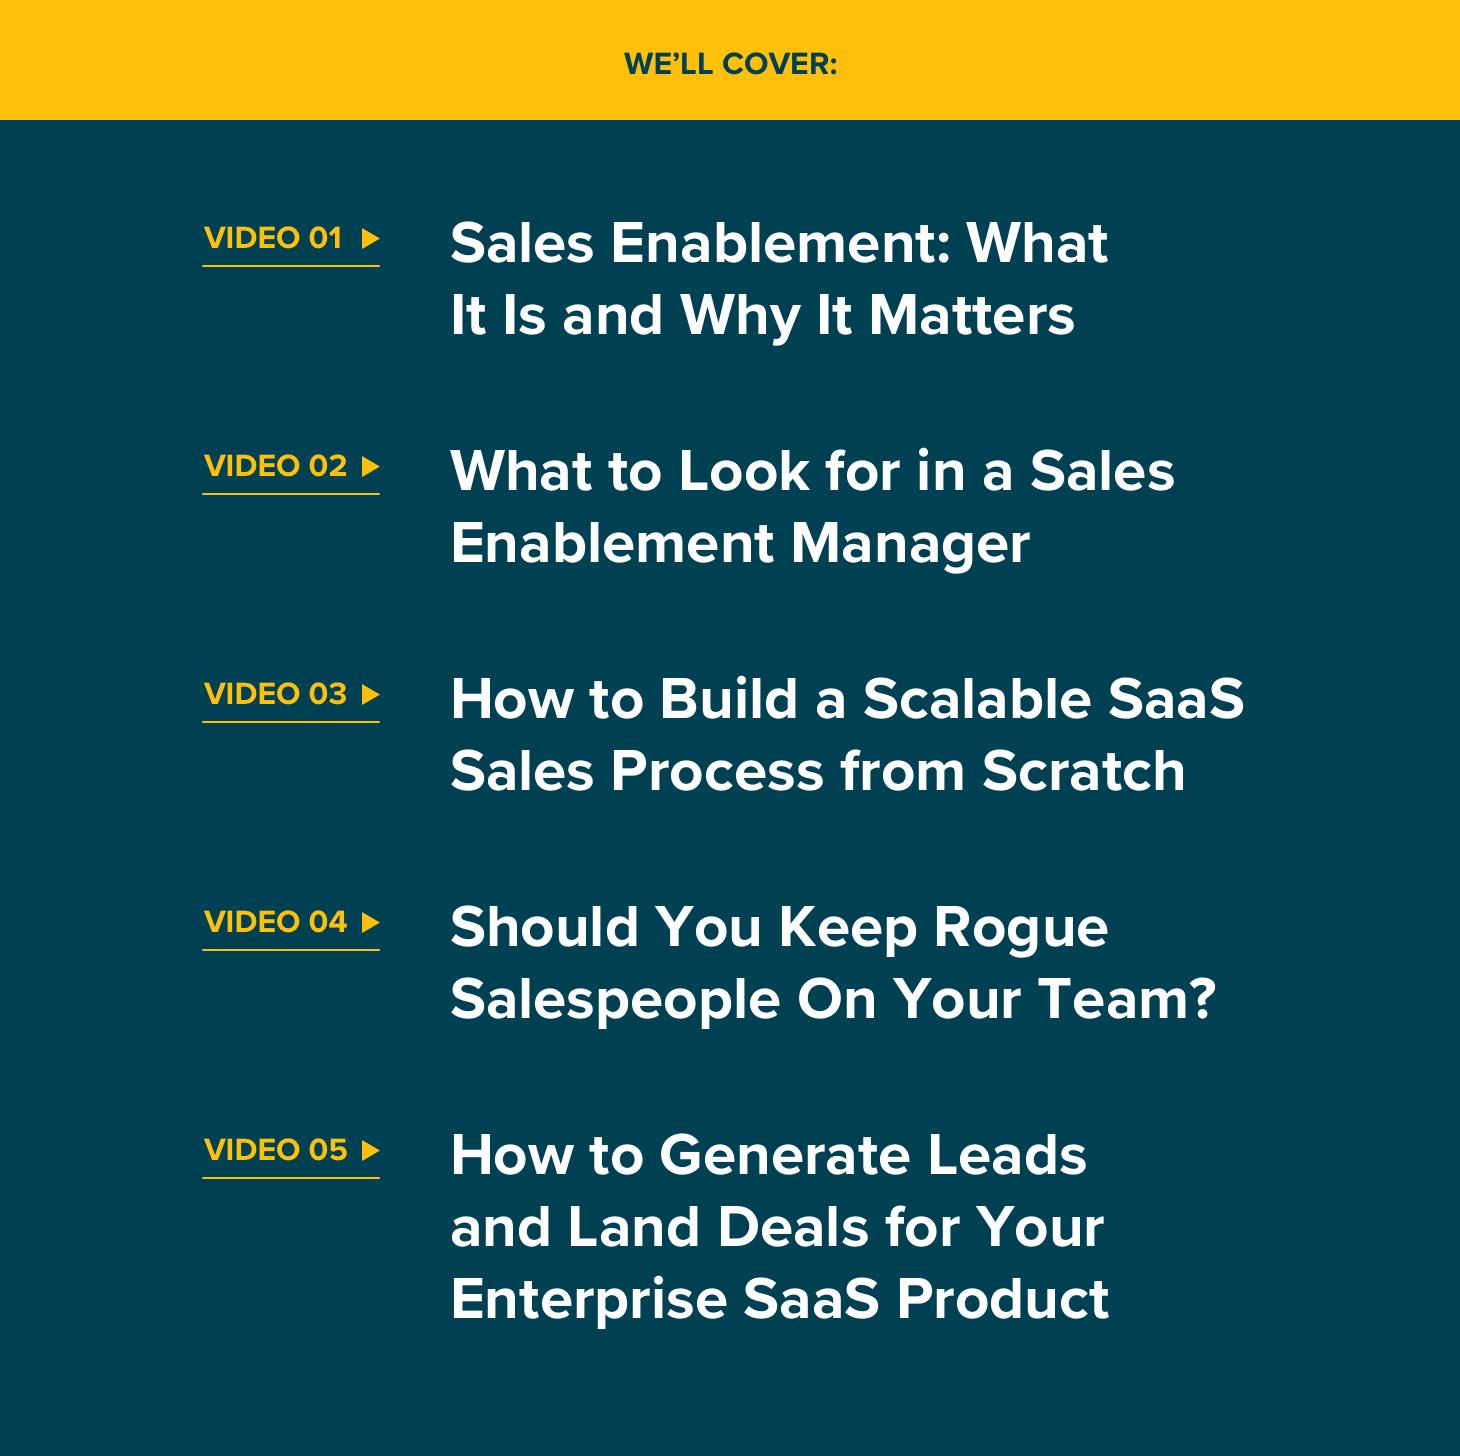 saas sales video series contents